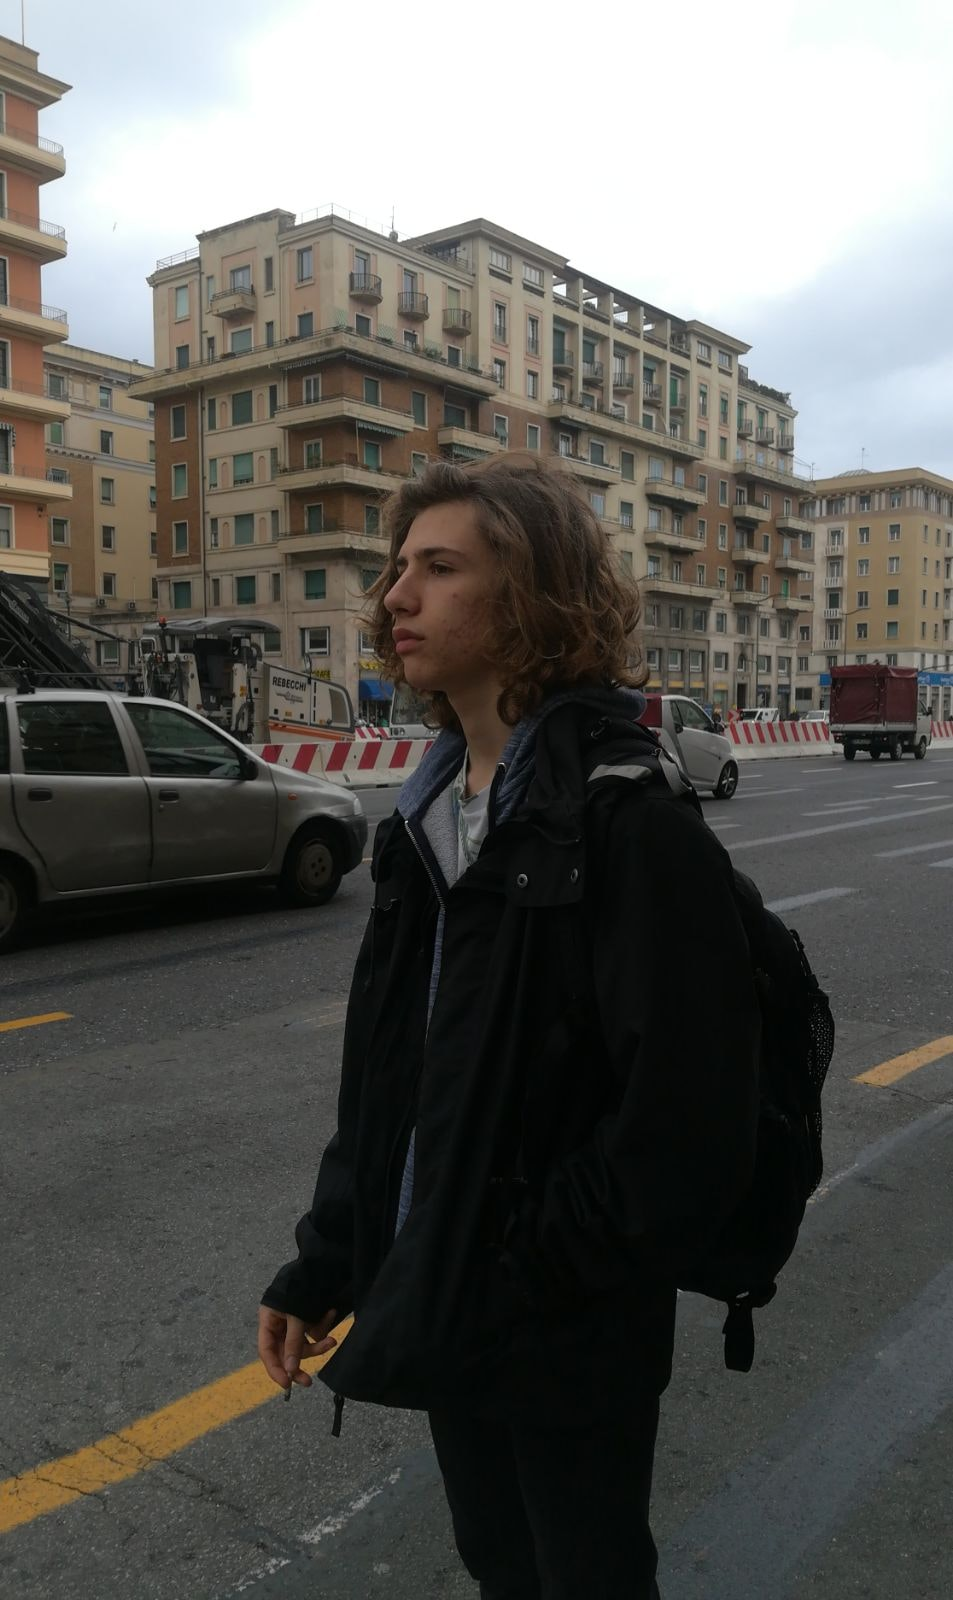 Go to Sebastiano Piazzi's profile